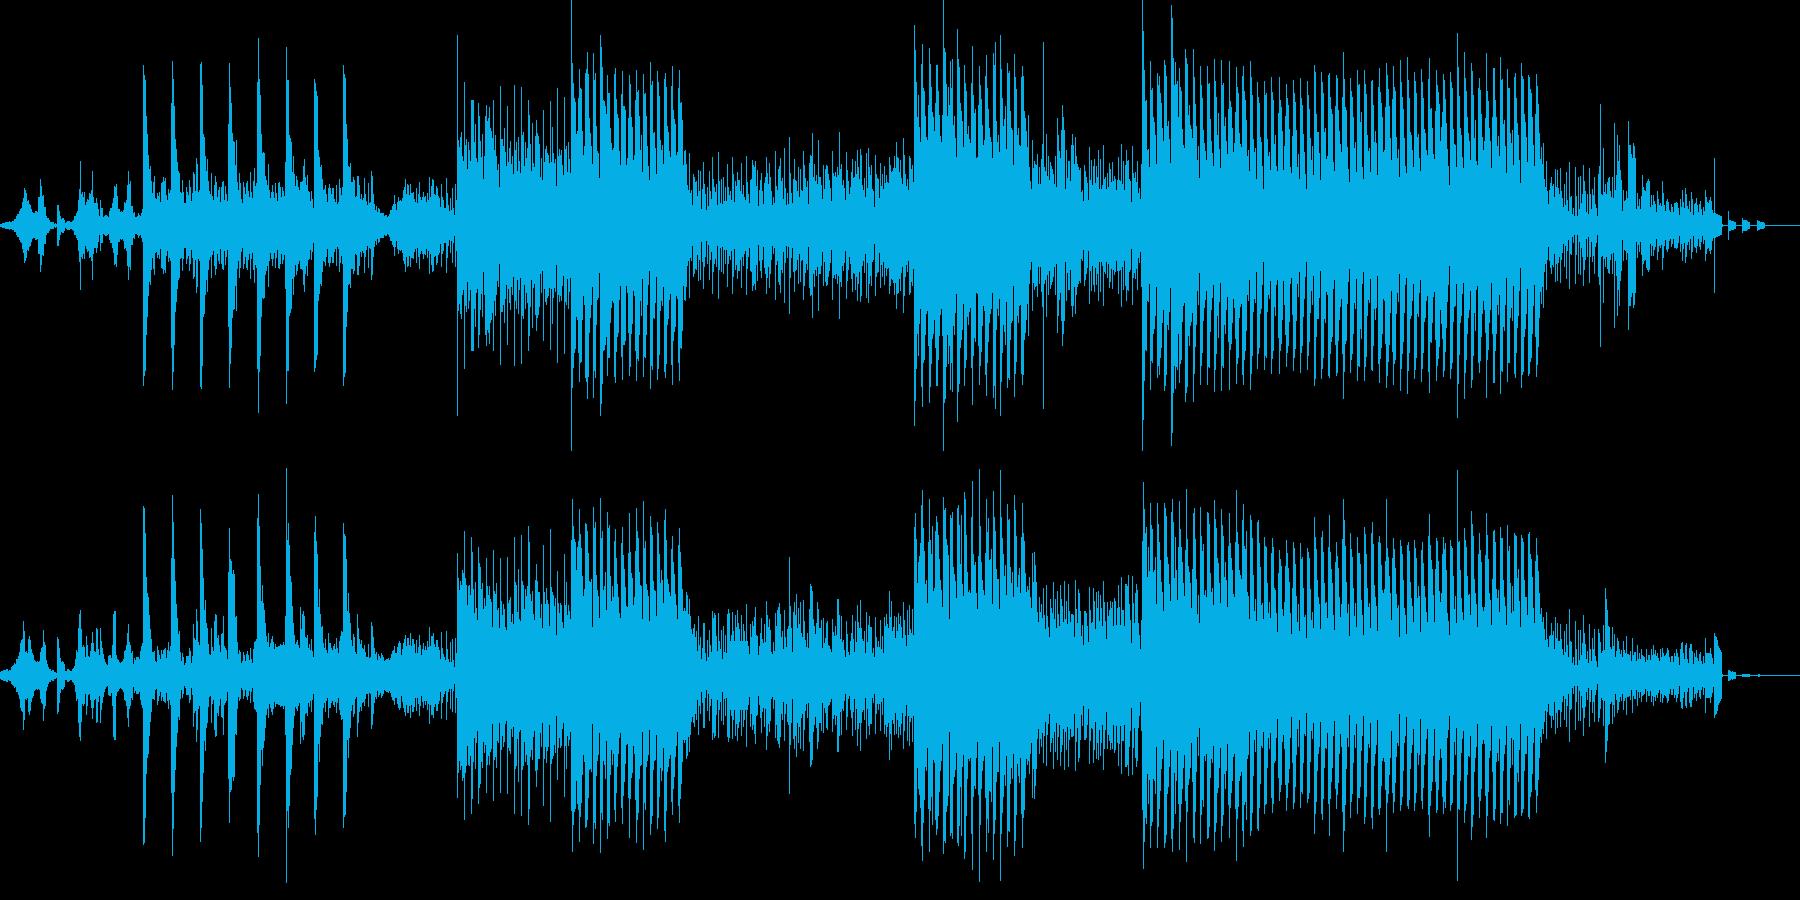 和の音で不思議な感じのBGMの再生済みの波形